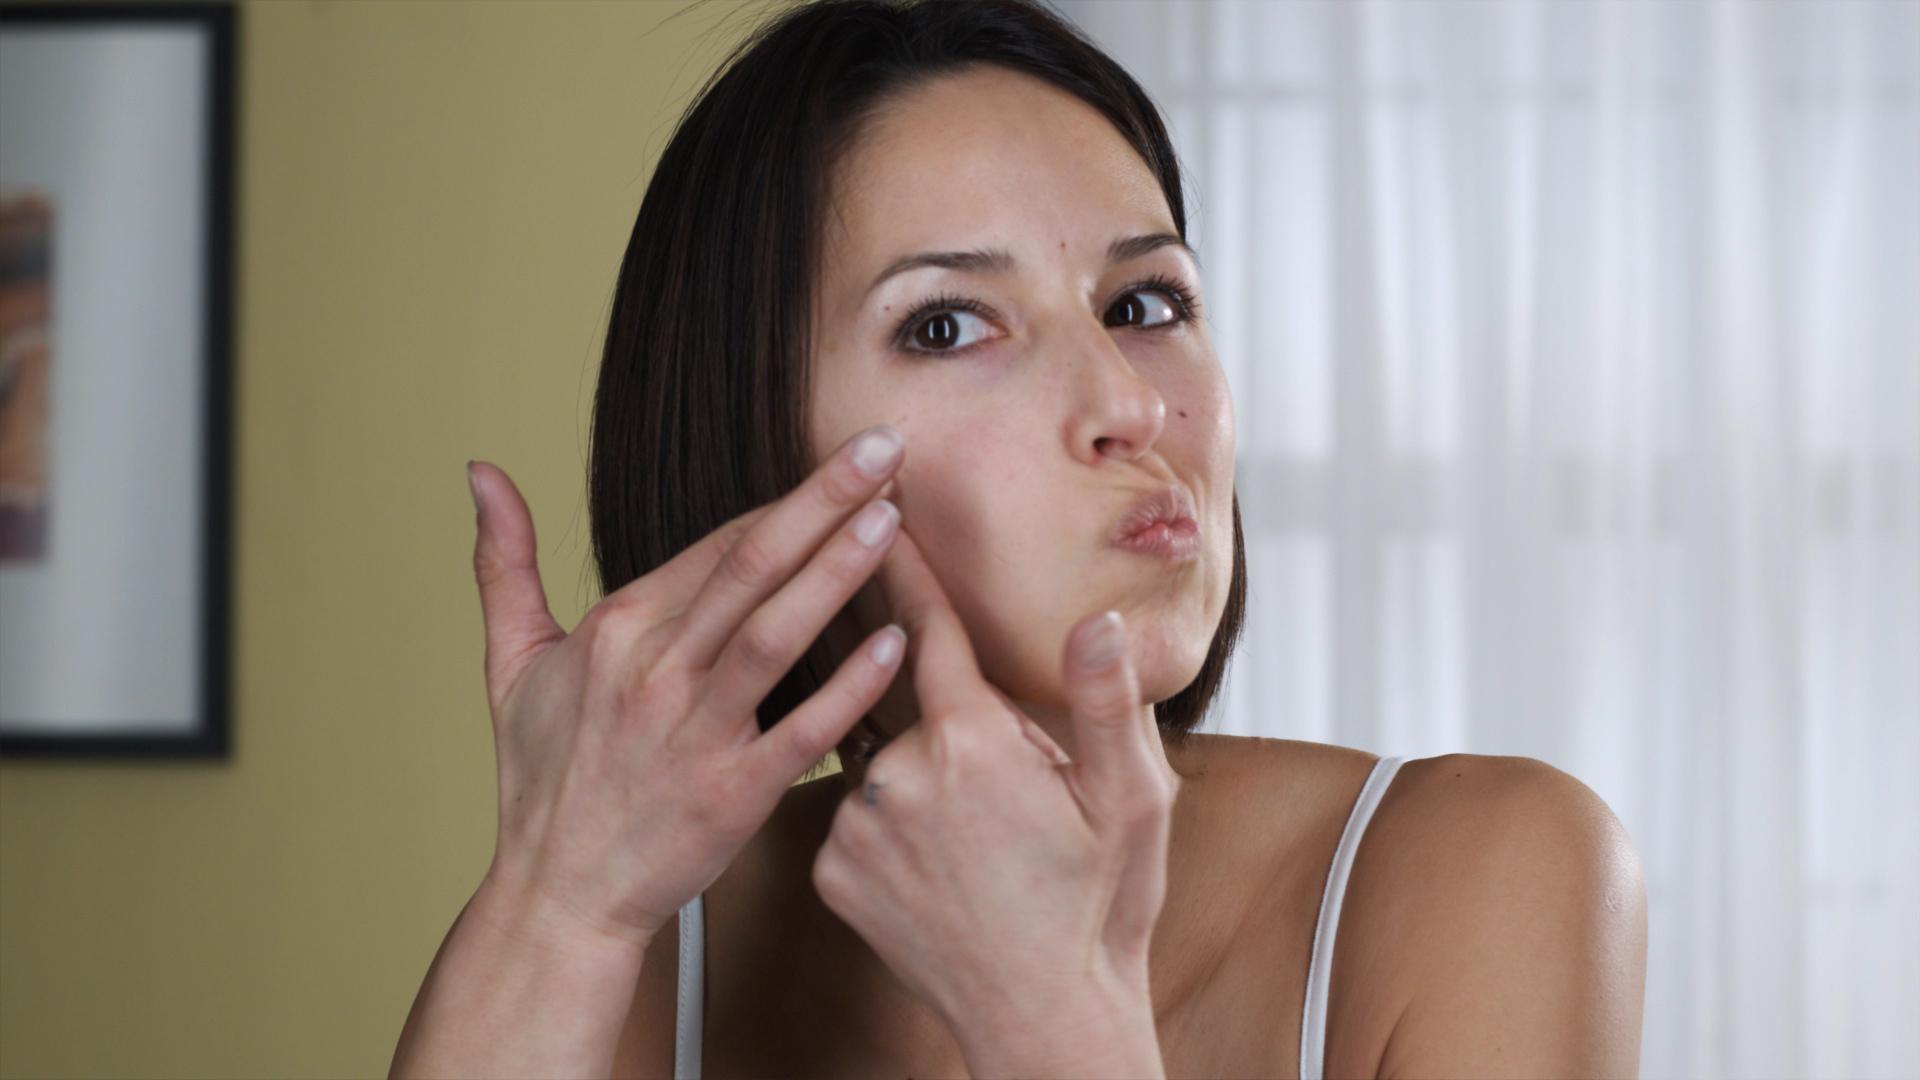 تغییرات پوستی در دوران بارداری و راه های درمان آن نرم